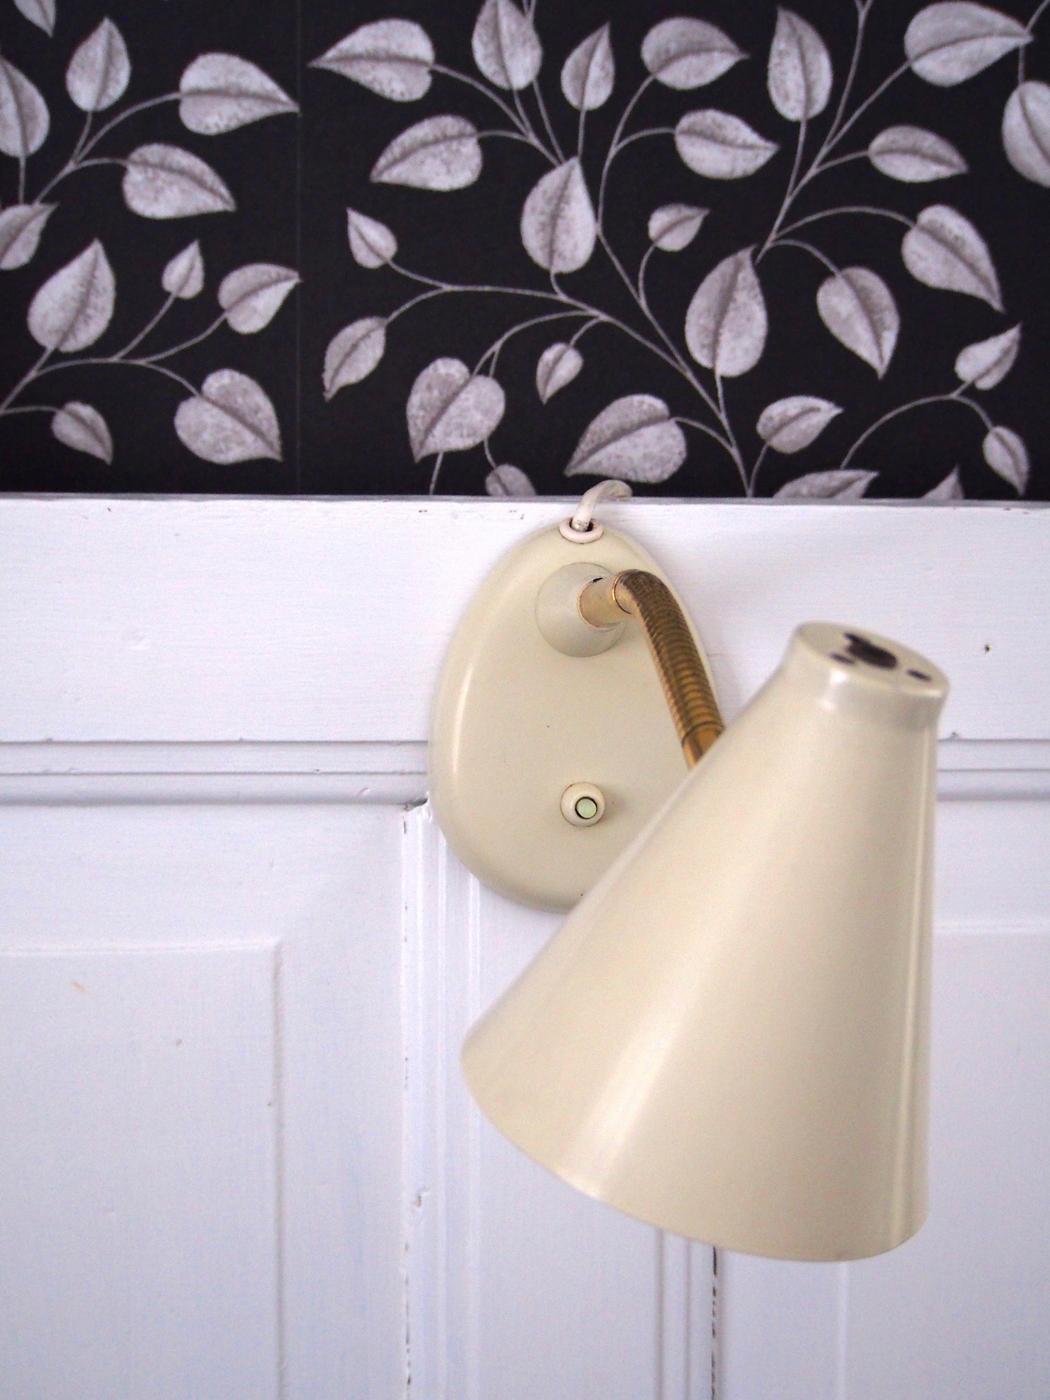 Muokattu makkarin lamppu.jpeg